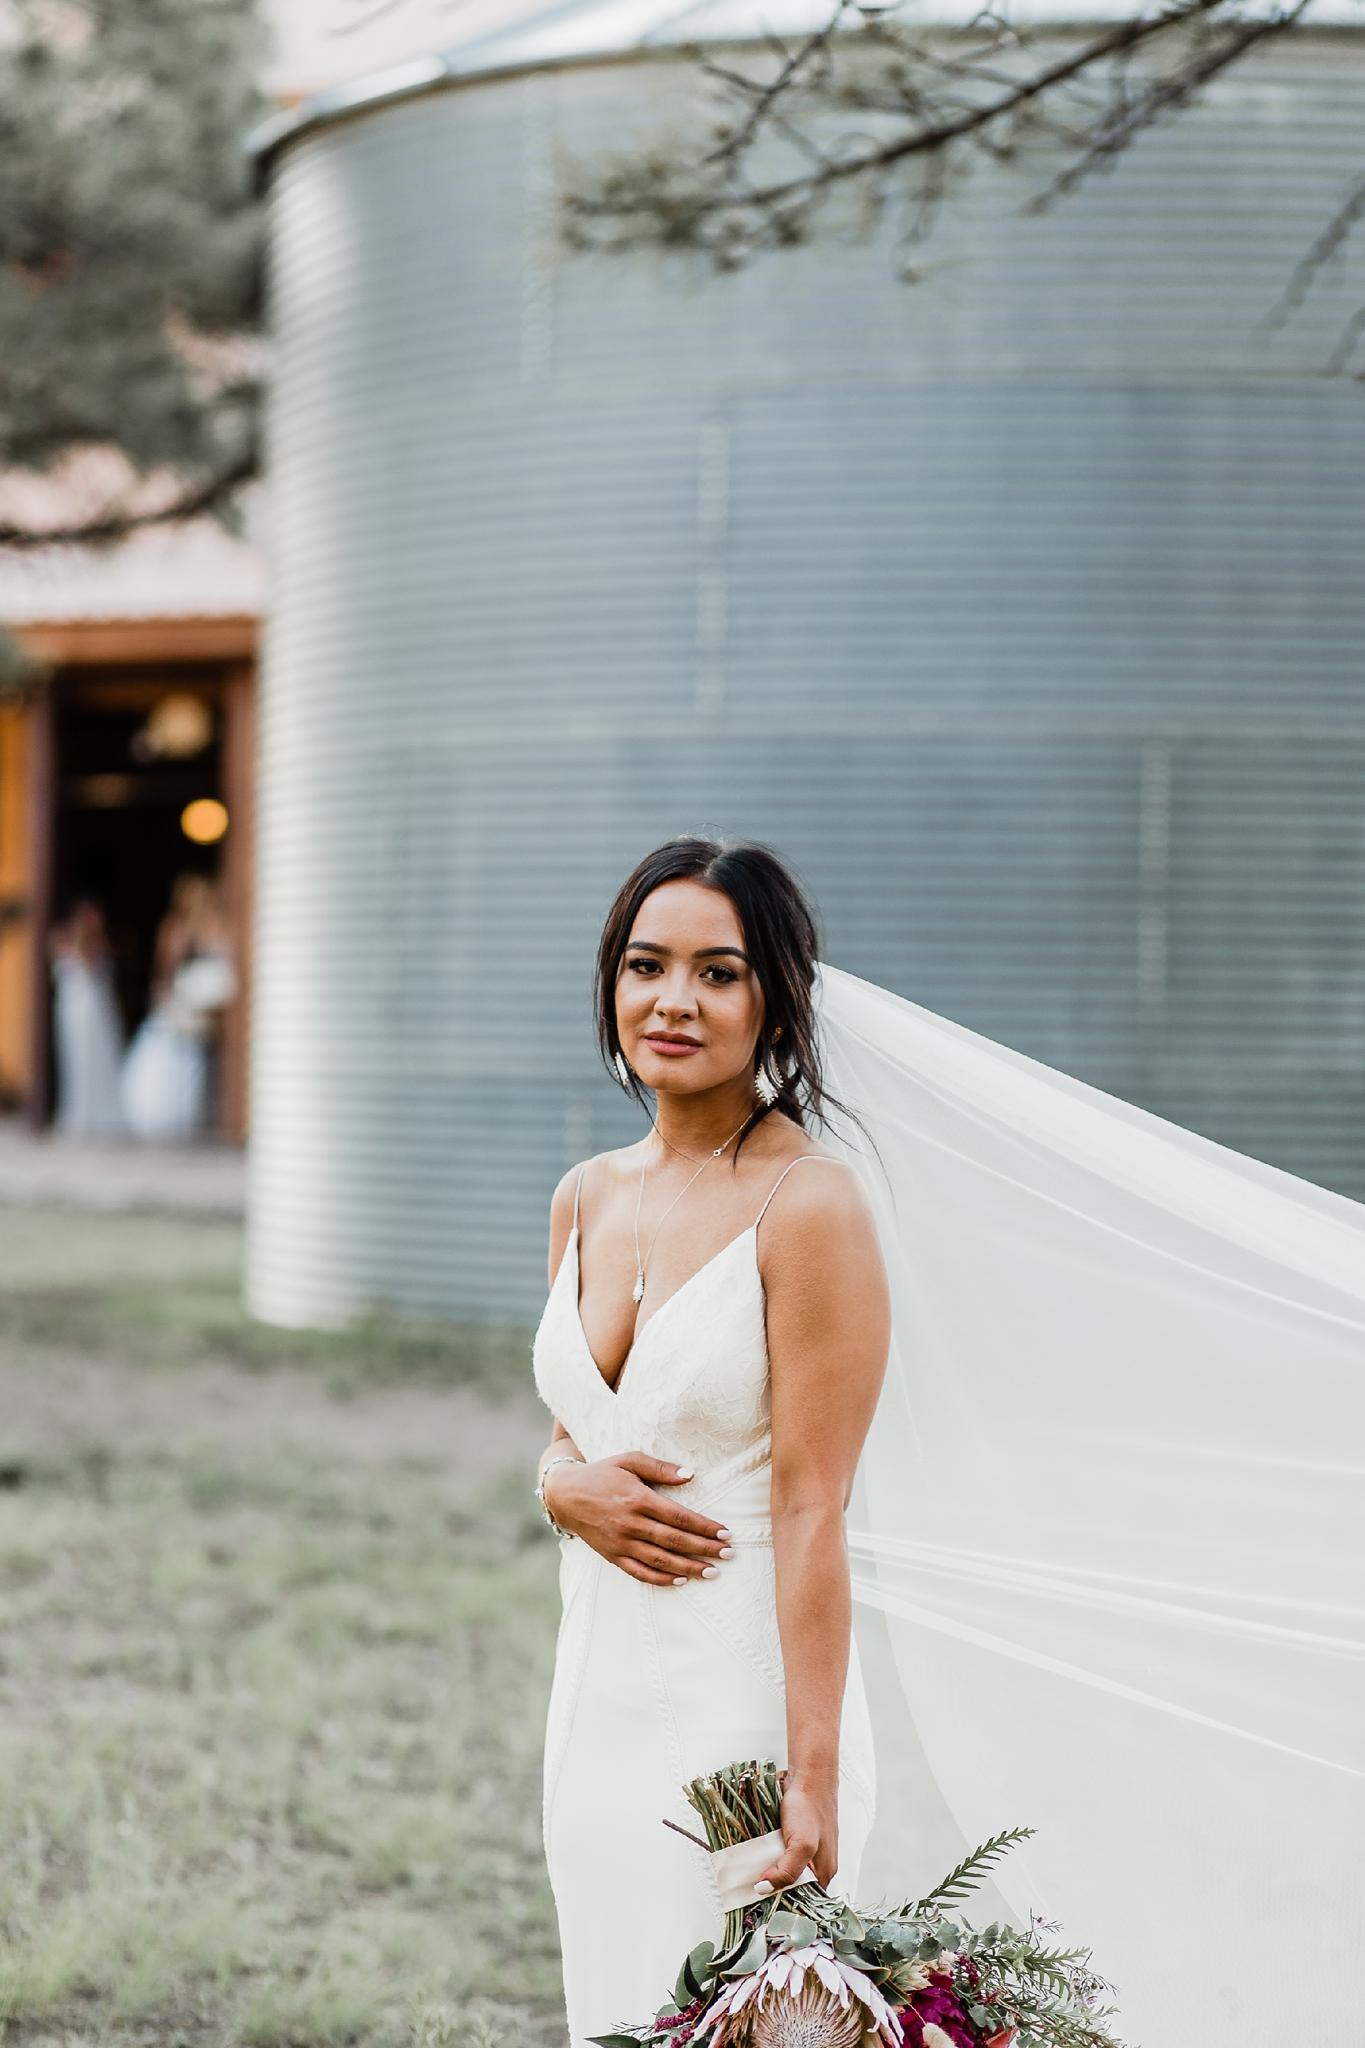 Alicia+lucia+photography+-+albuquerque+wedding+photographer+-+santa+fe+wedding+photography+-+new+mexico+wedding+photographer+-+new+mexico+wedding+-+new+mexico+wedding+-+barn+wedding+-+enchanted+vine+barn+wedding+-+ruidoso+wedding_0123.jpg